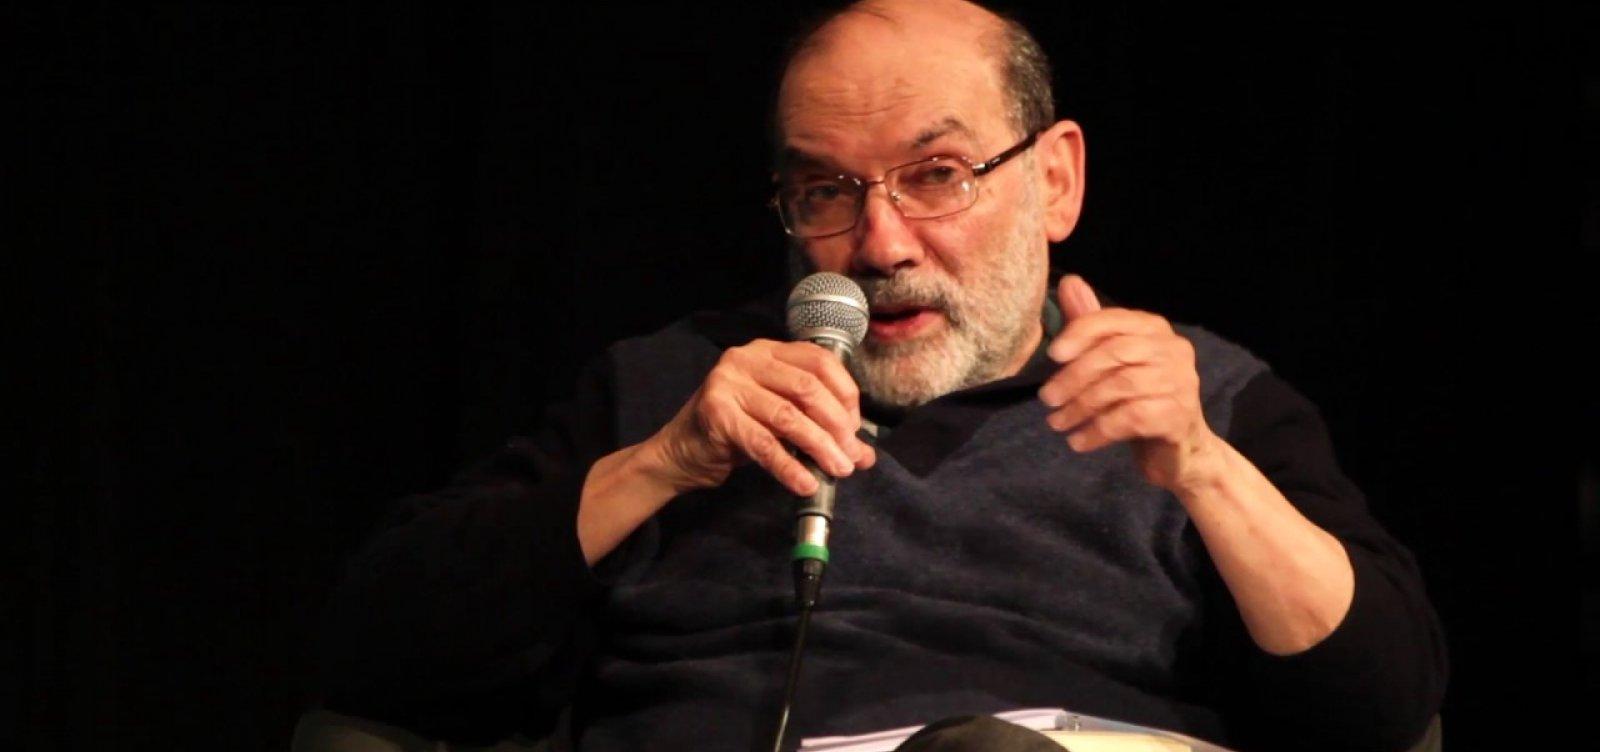 Ruy Fausto diz que Moro segue como 'mito' devido a 'fetichização do fenômeno corrupção'